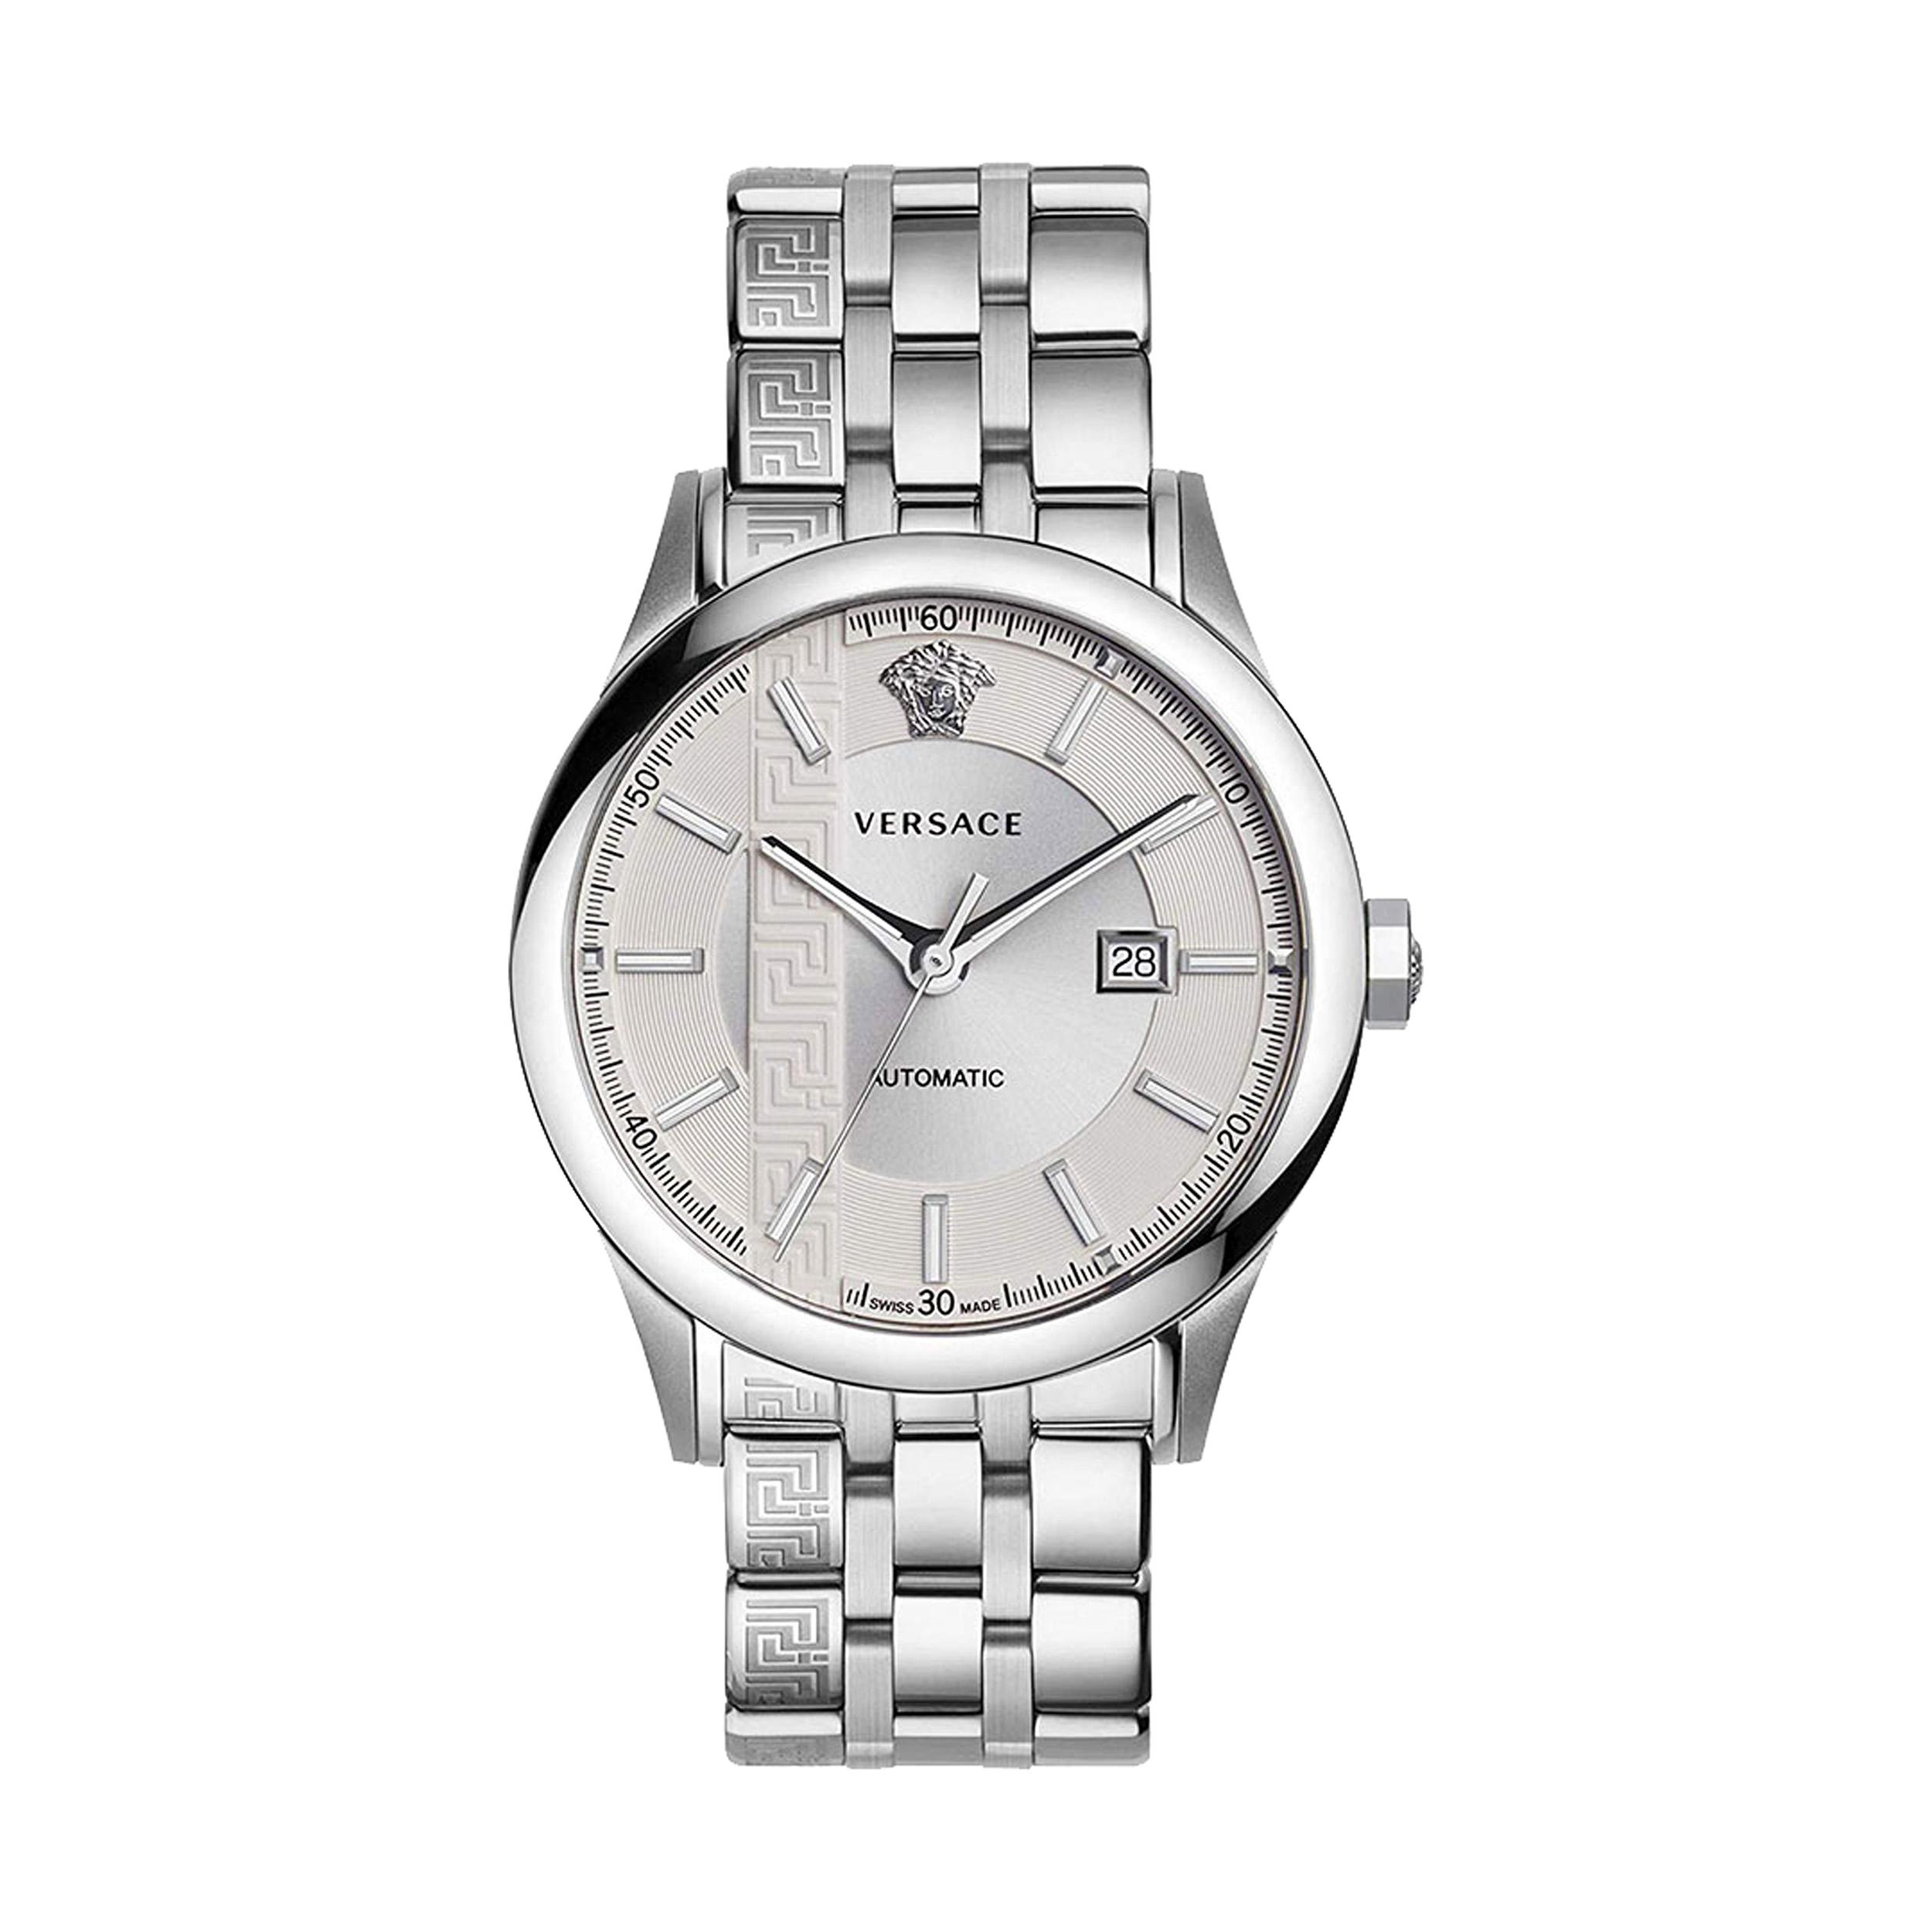 ساعت مچی عقربه ای مردانه ورساچه مدل V18040017 55